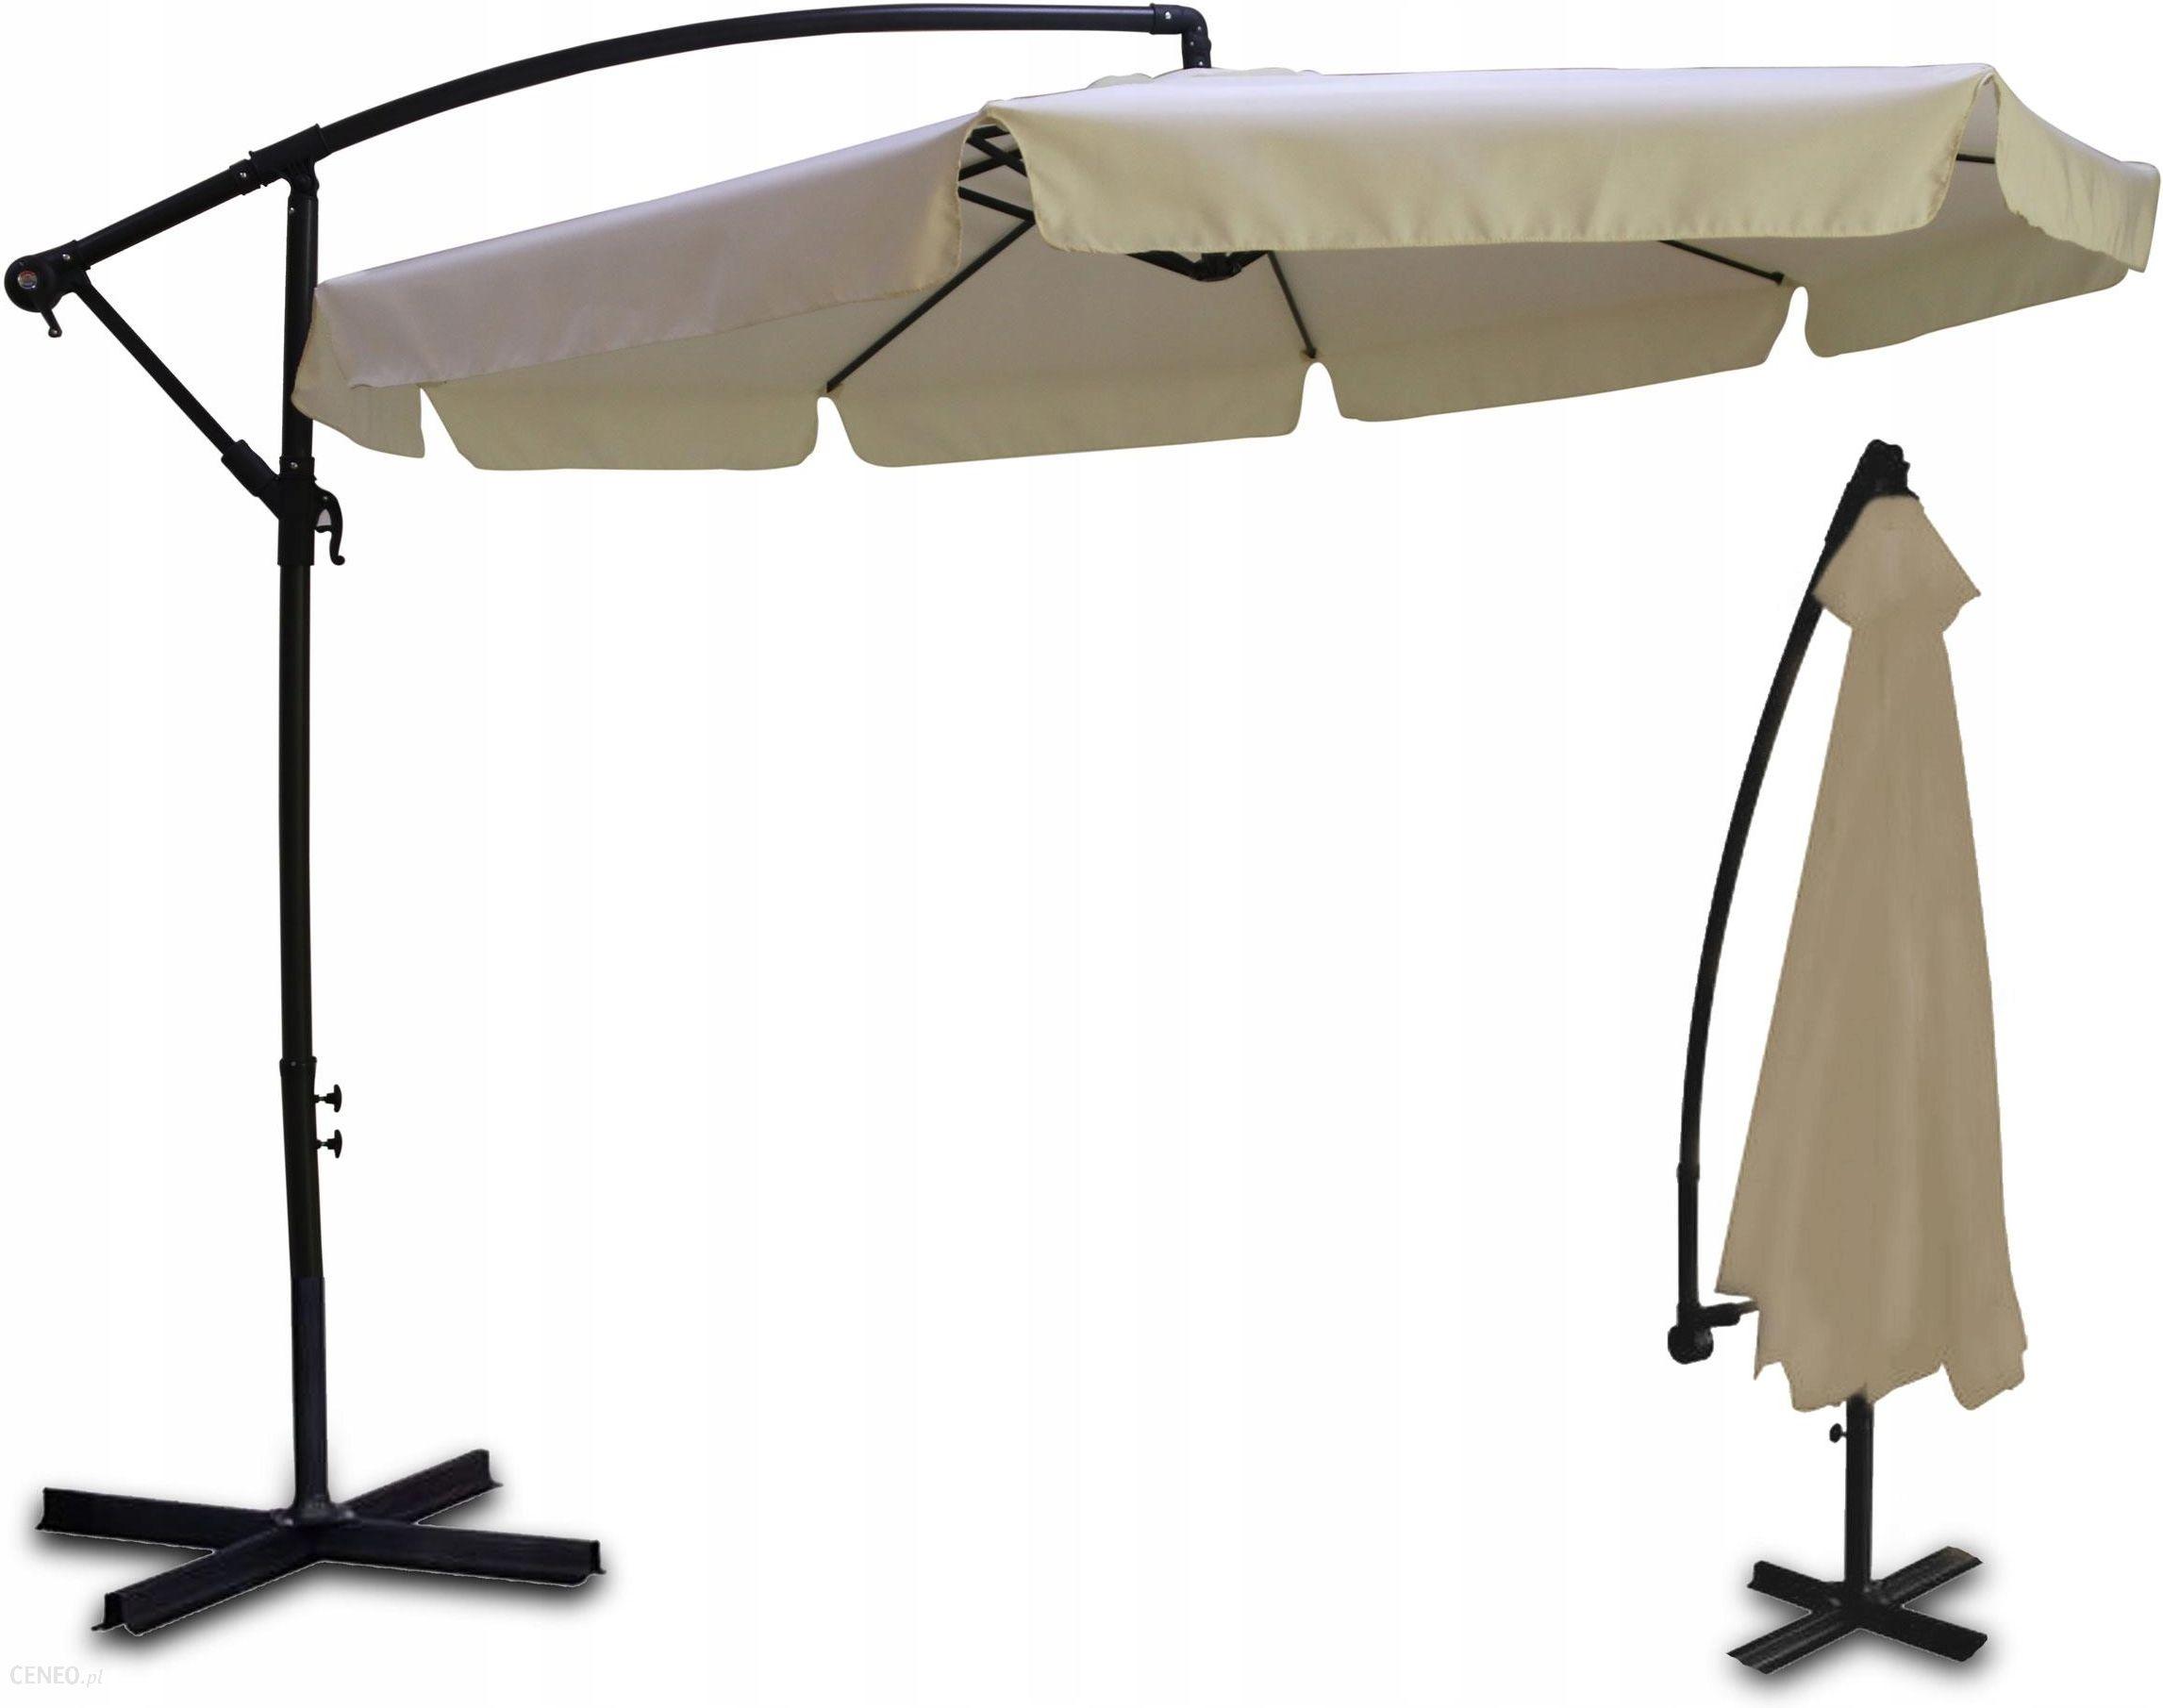 Parasol Ogrodowy Plonos Parasol Ogrodowy Duzy Skladany 8 Segmentow 350cm Beze I Brazy Ceny I Opinie Ceneo Pl